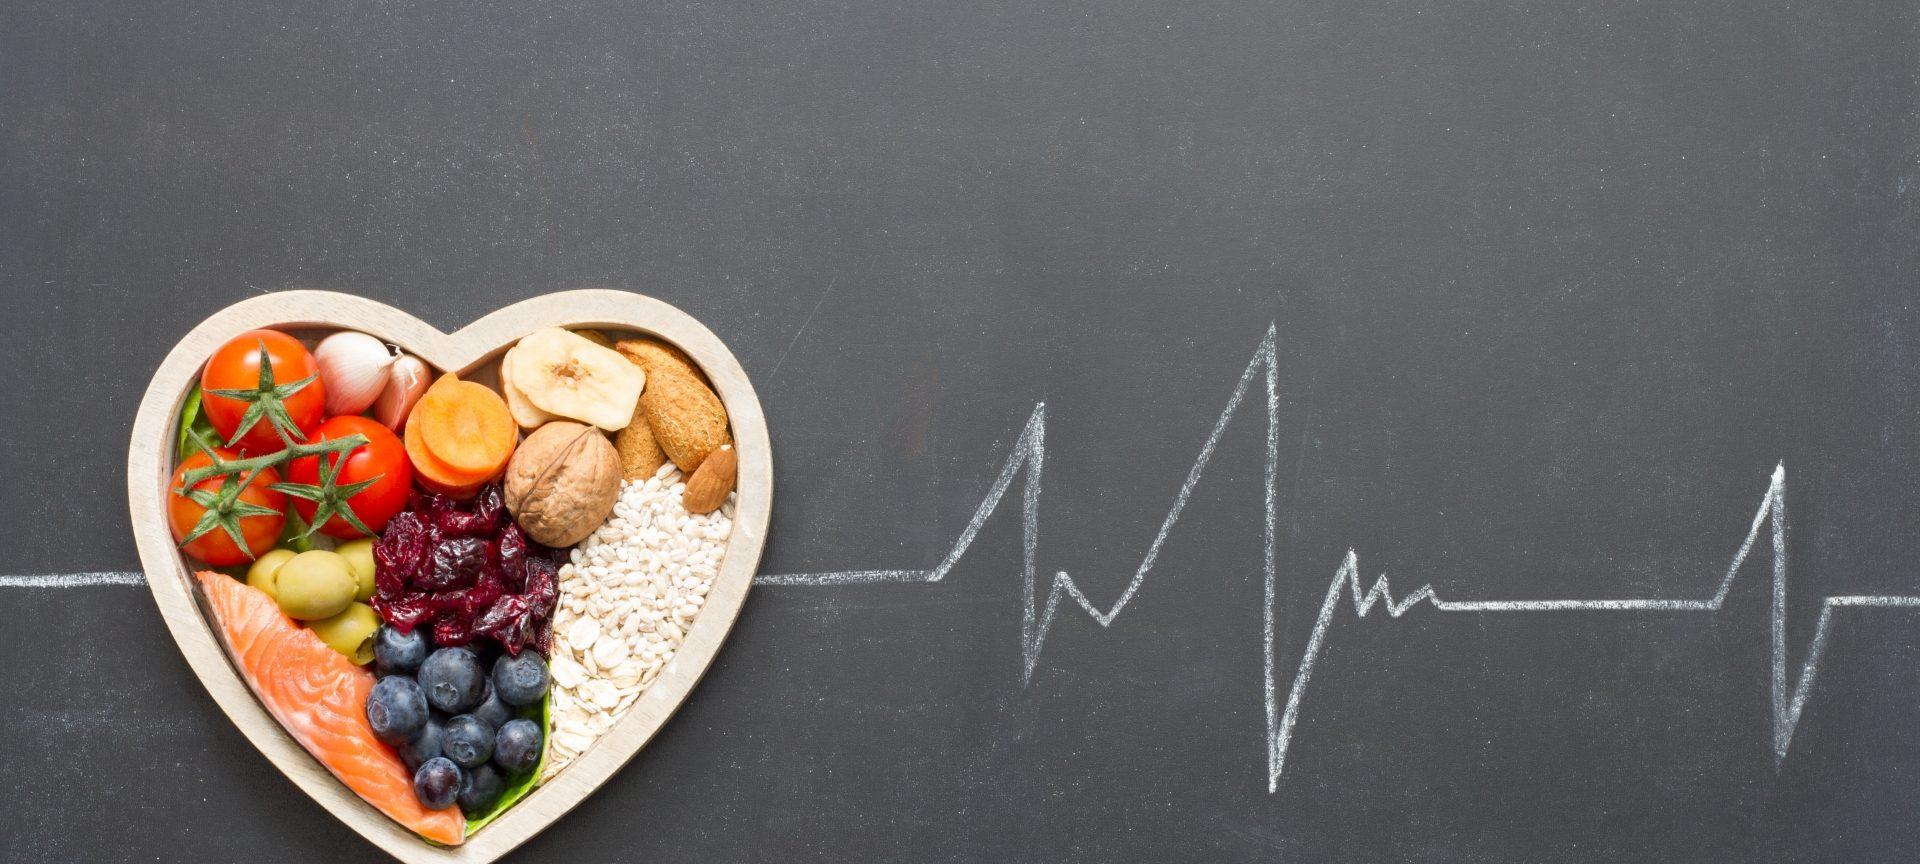 alimente de care organismul are nevoie după pandemie